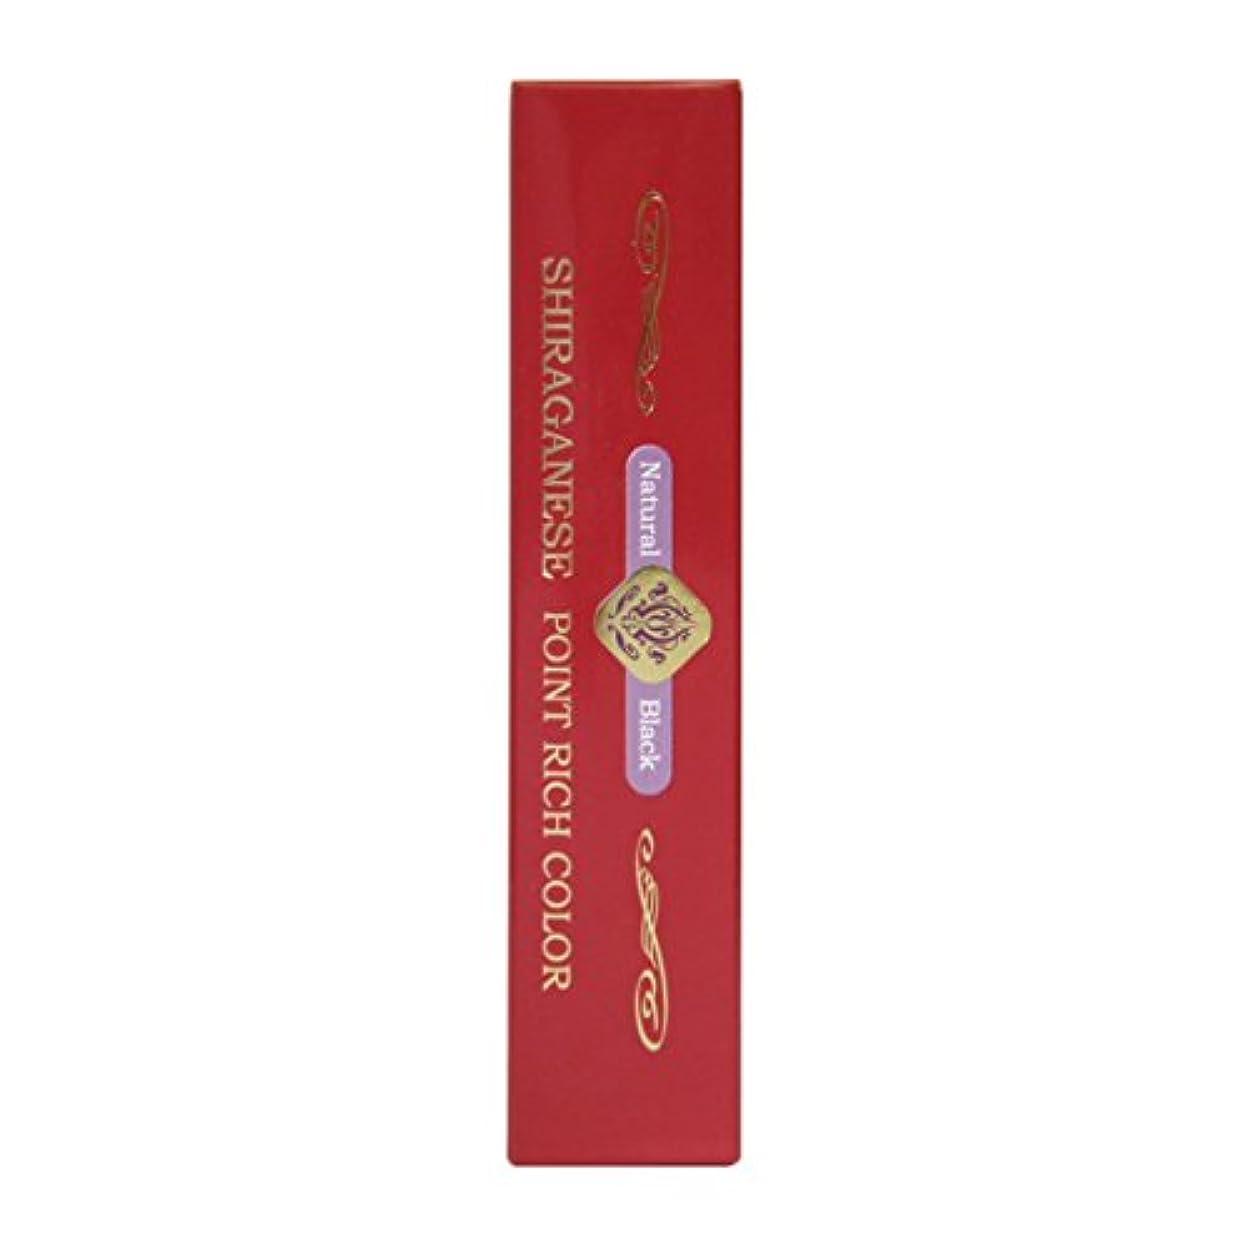 作成する商標全滅させるビアント シラガネーゼ ポイントリッチカラー ナチュラルブラック 20g